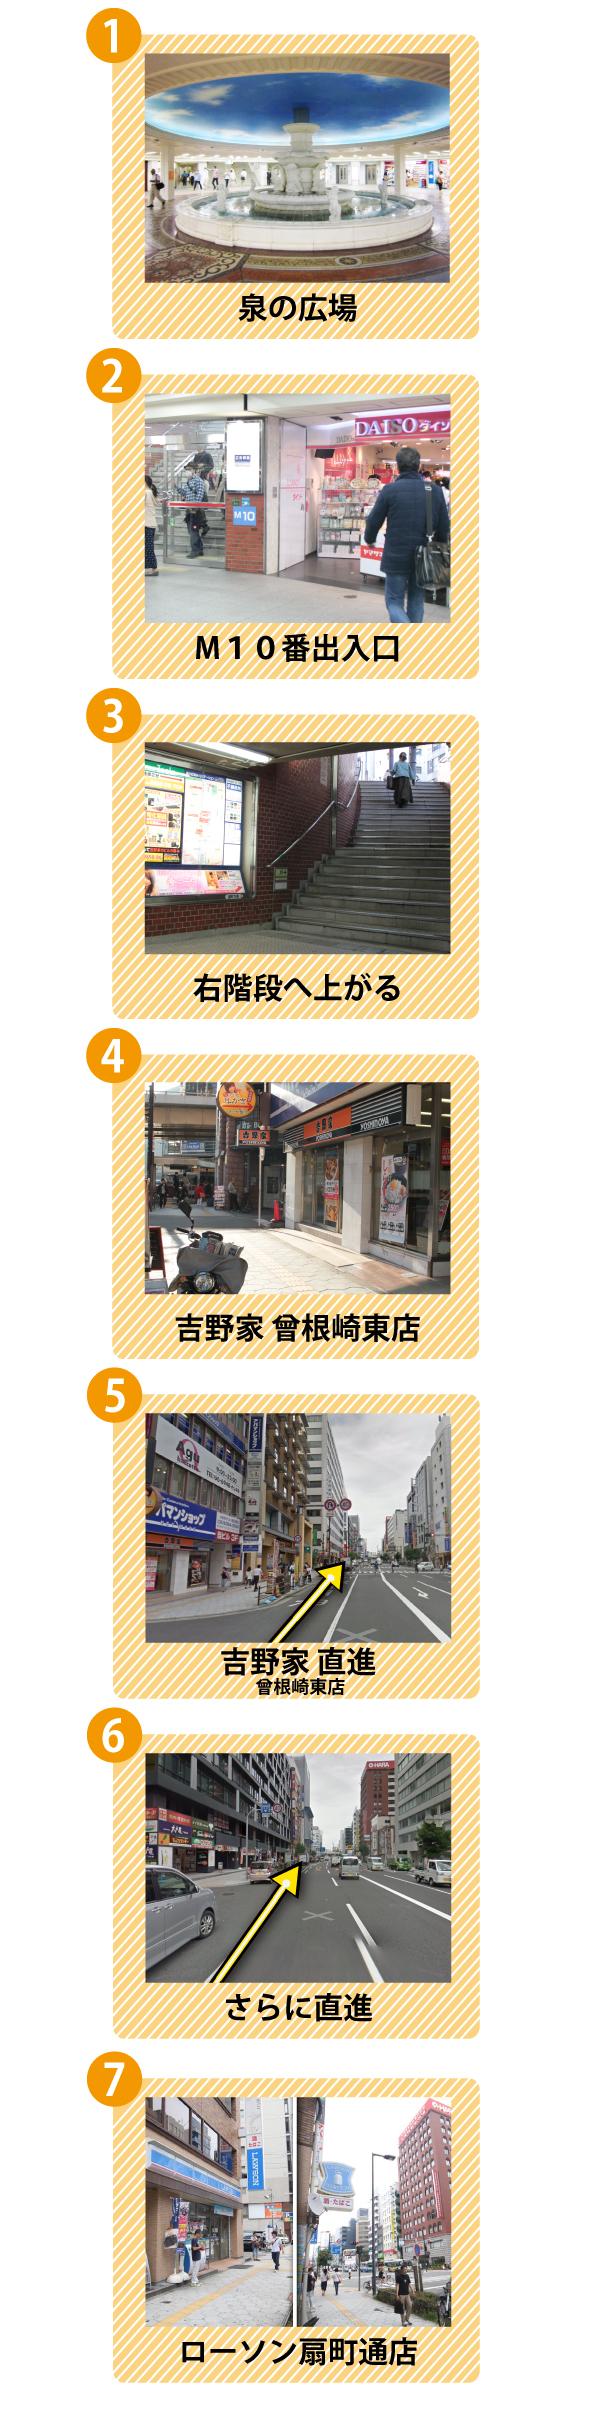 セレブガール 待ち合わせ 梅田 ローソン北区扇町通店